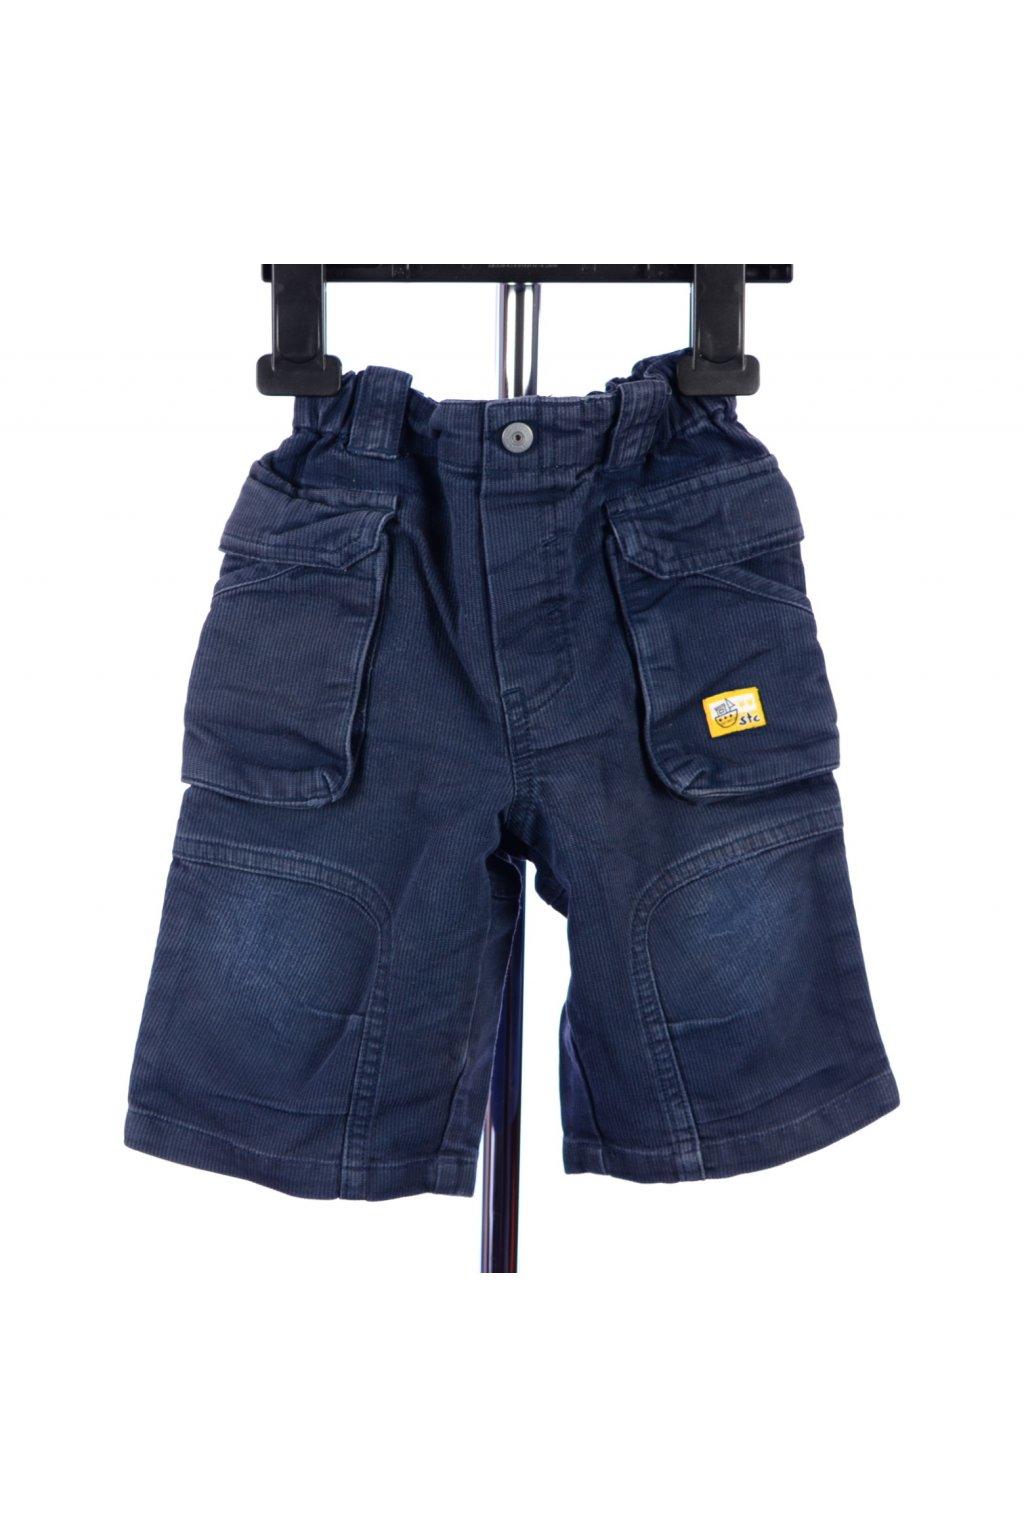 Kalhoty Staocato vel. 80